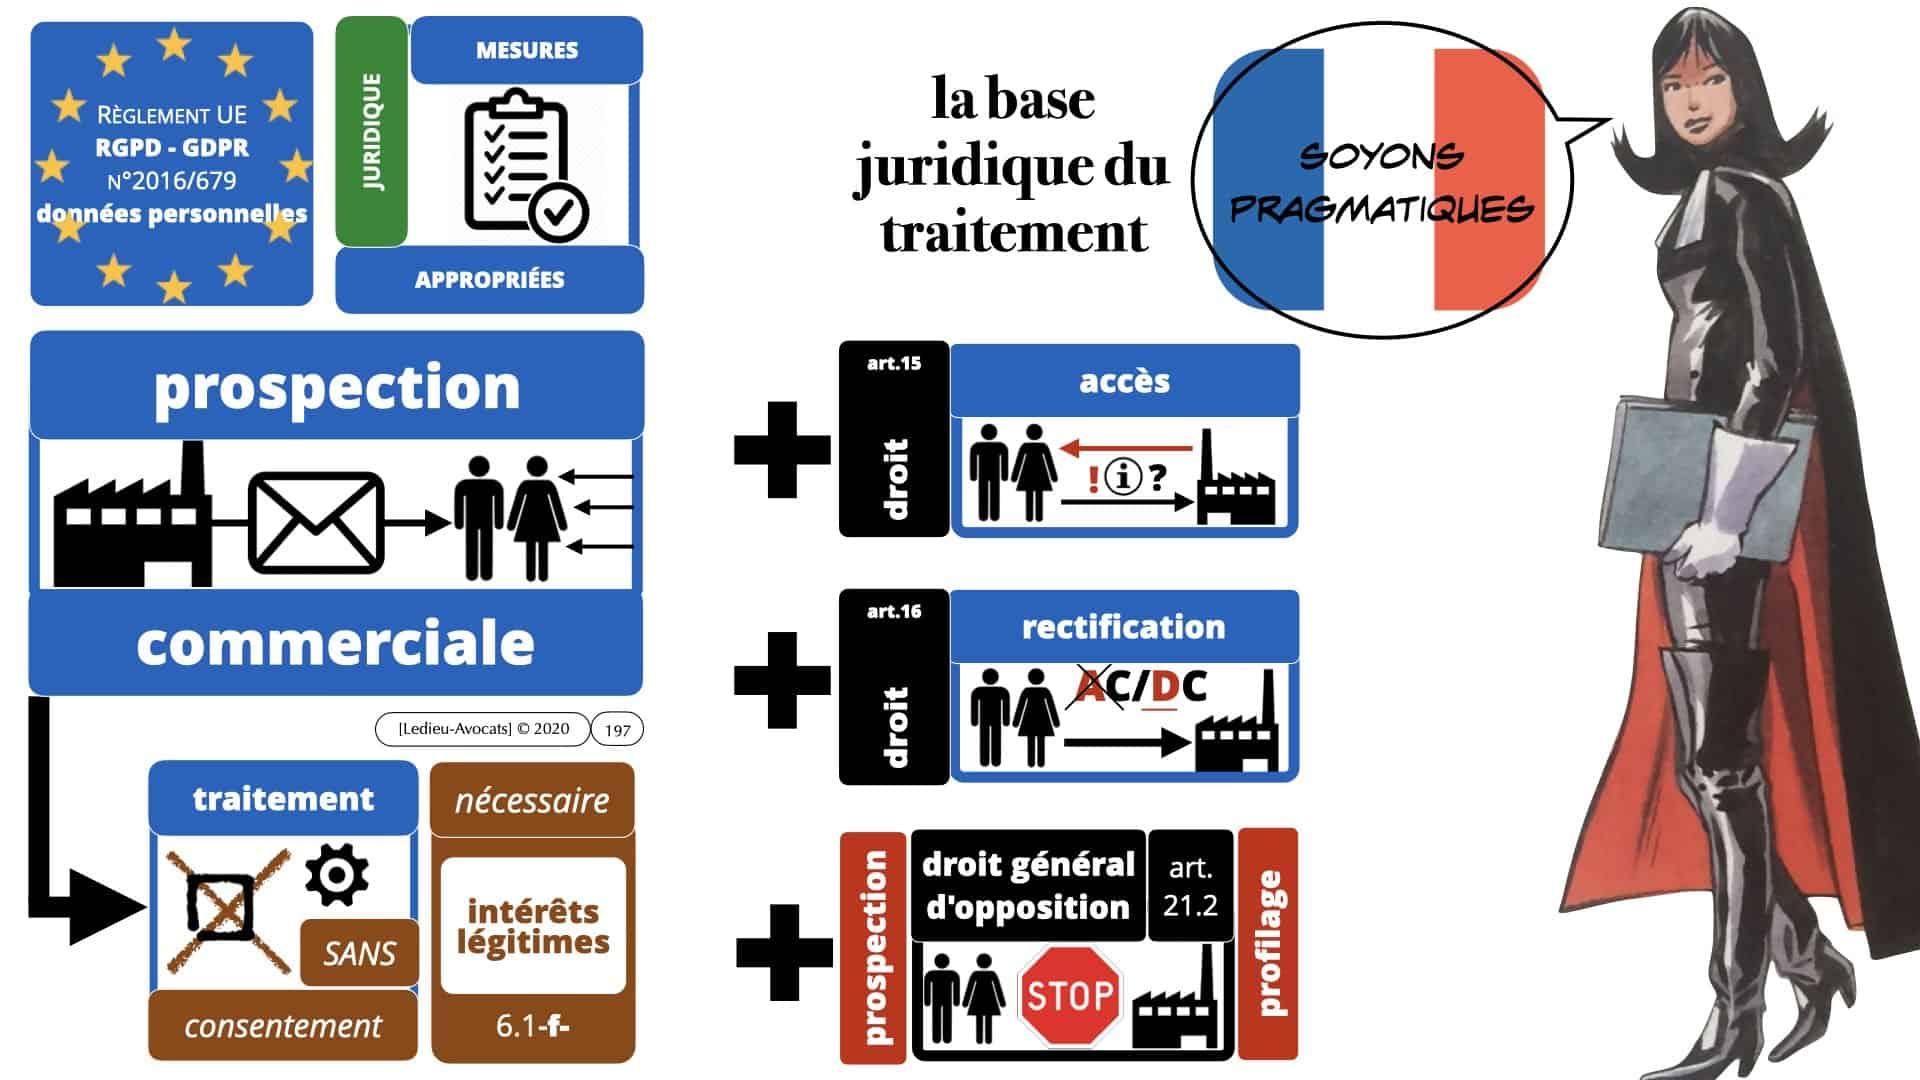 RGPD e-Privacy données personnelles jurisprudence formation Lamy Les Echos 10-02-2021 ©Ledieu-Avocats.197